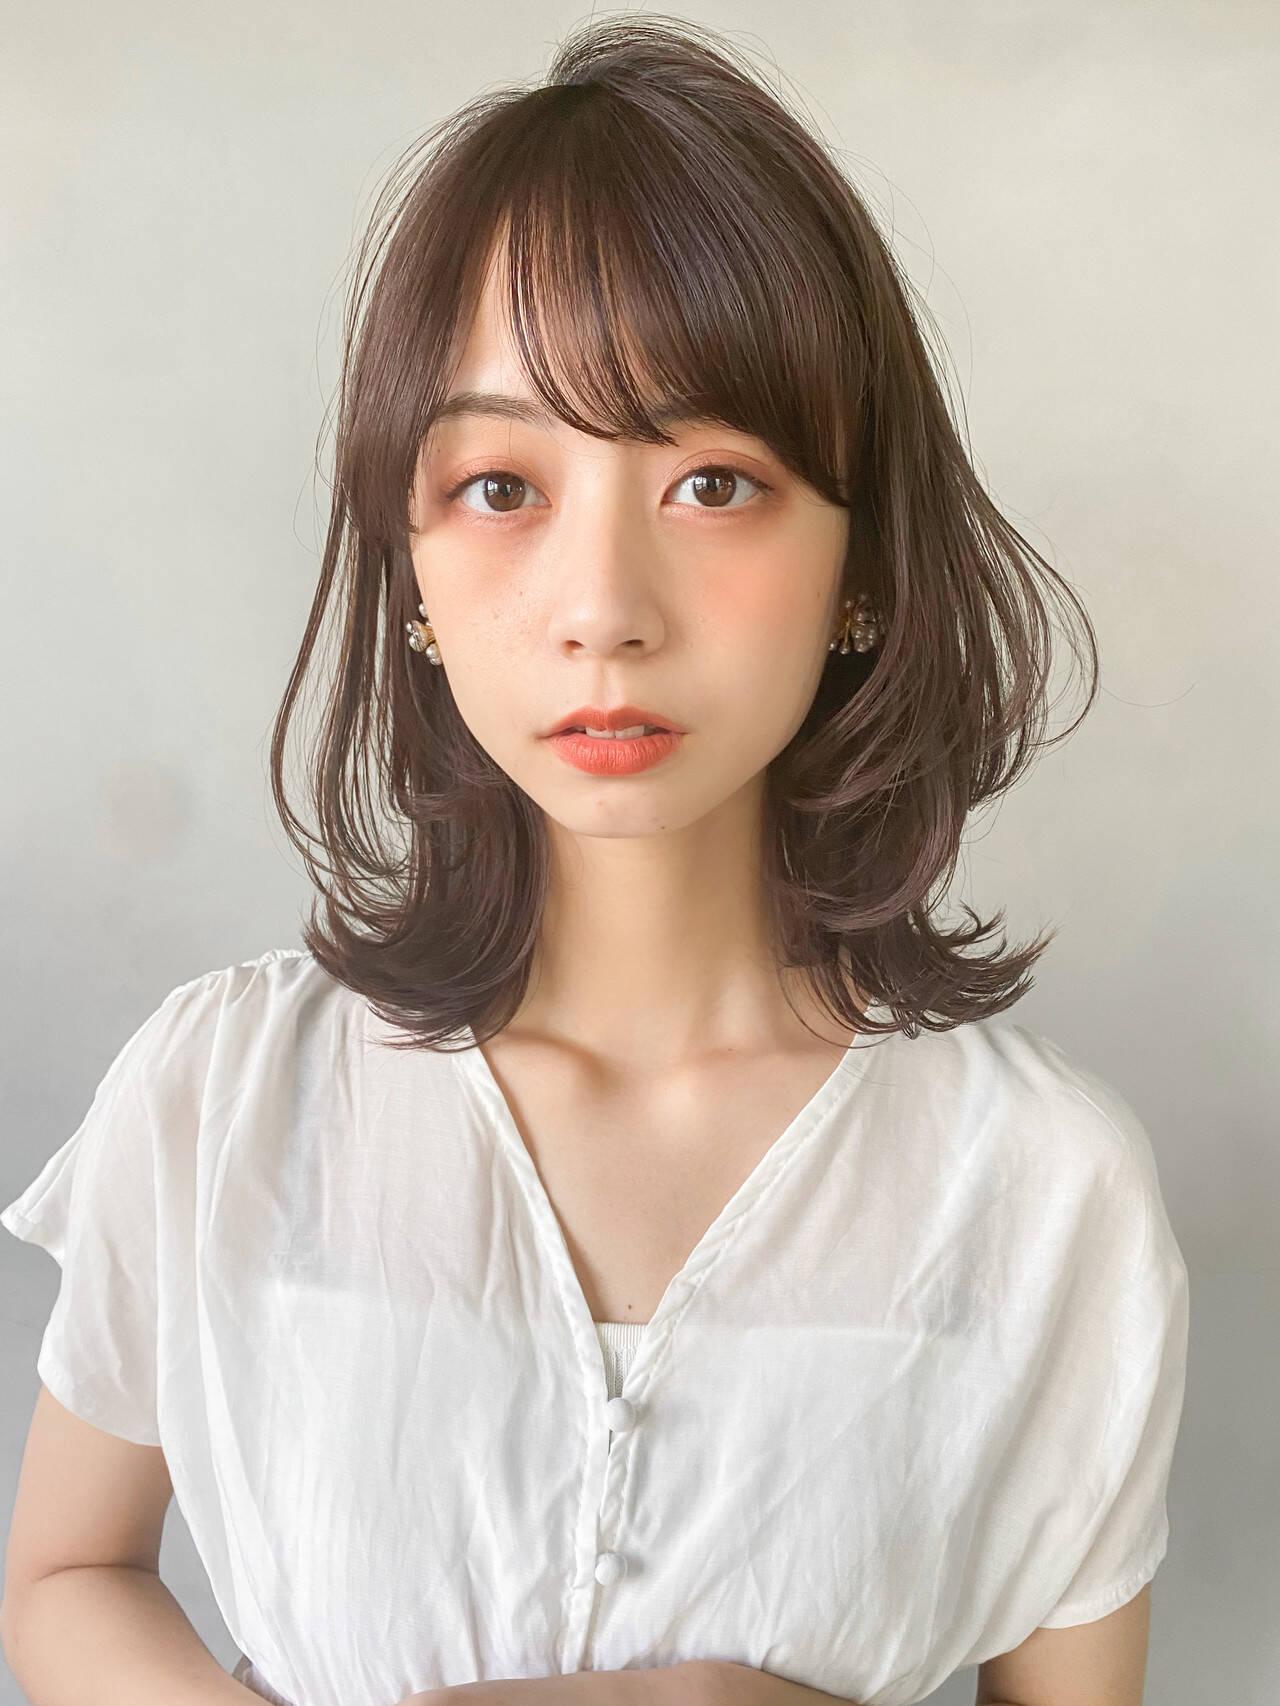 インナーカラー パーティー アンニュイほつれヘア 韓国ヘアヘアスタイルや髪型の写真・画像